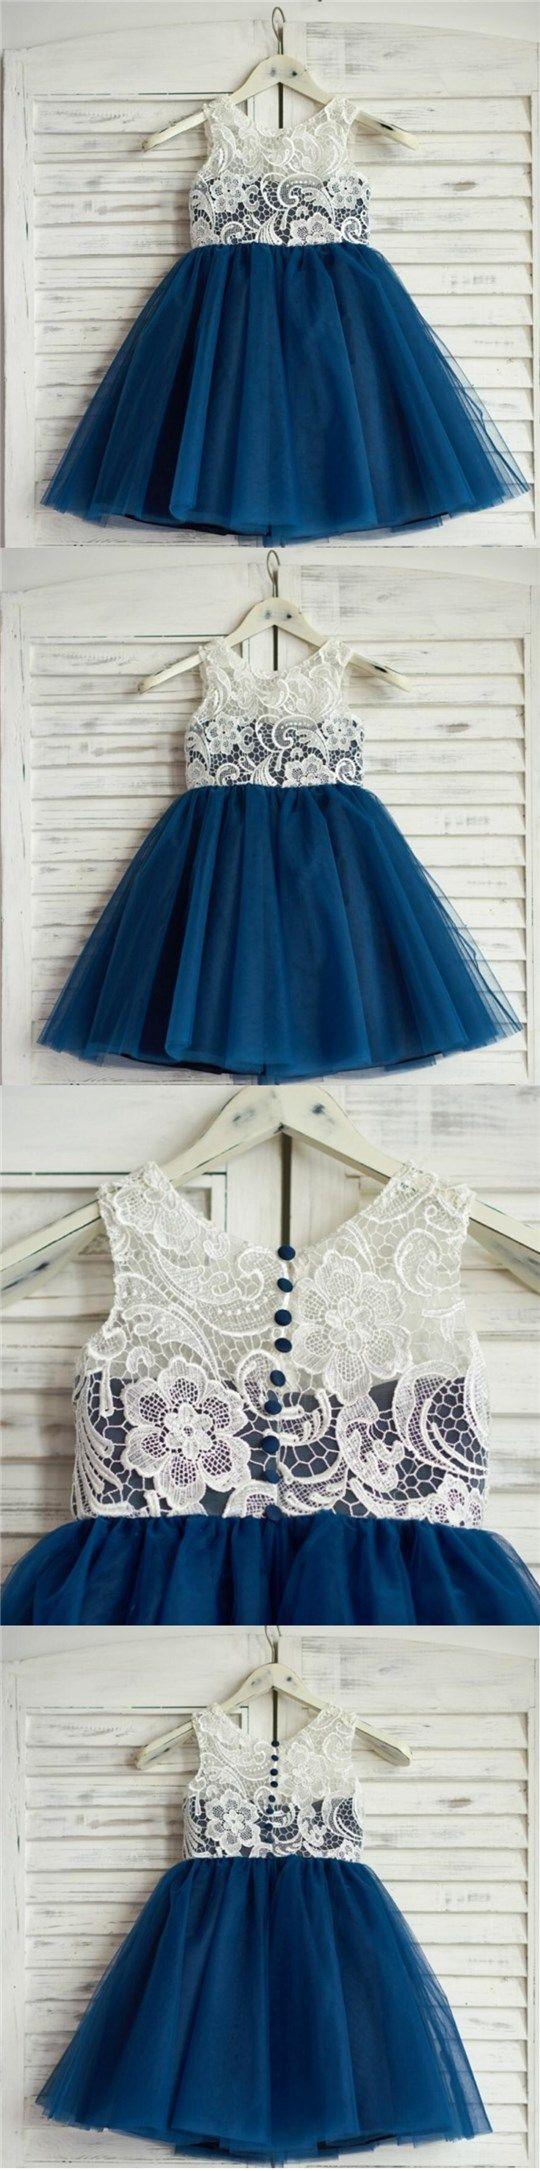 Top Lace Tulle Sleeveless Zipper Back Lovely Pretty Flower Girl Dresses , FG0085